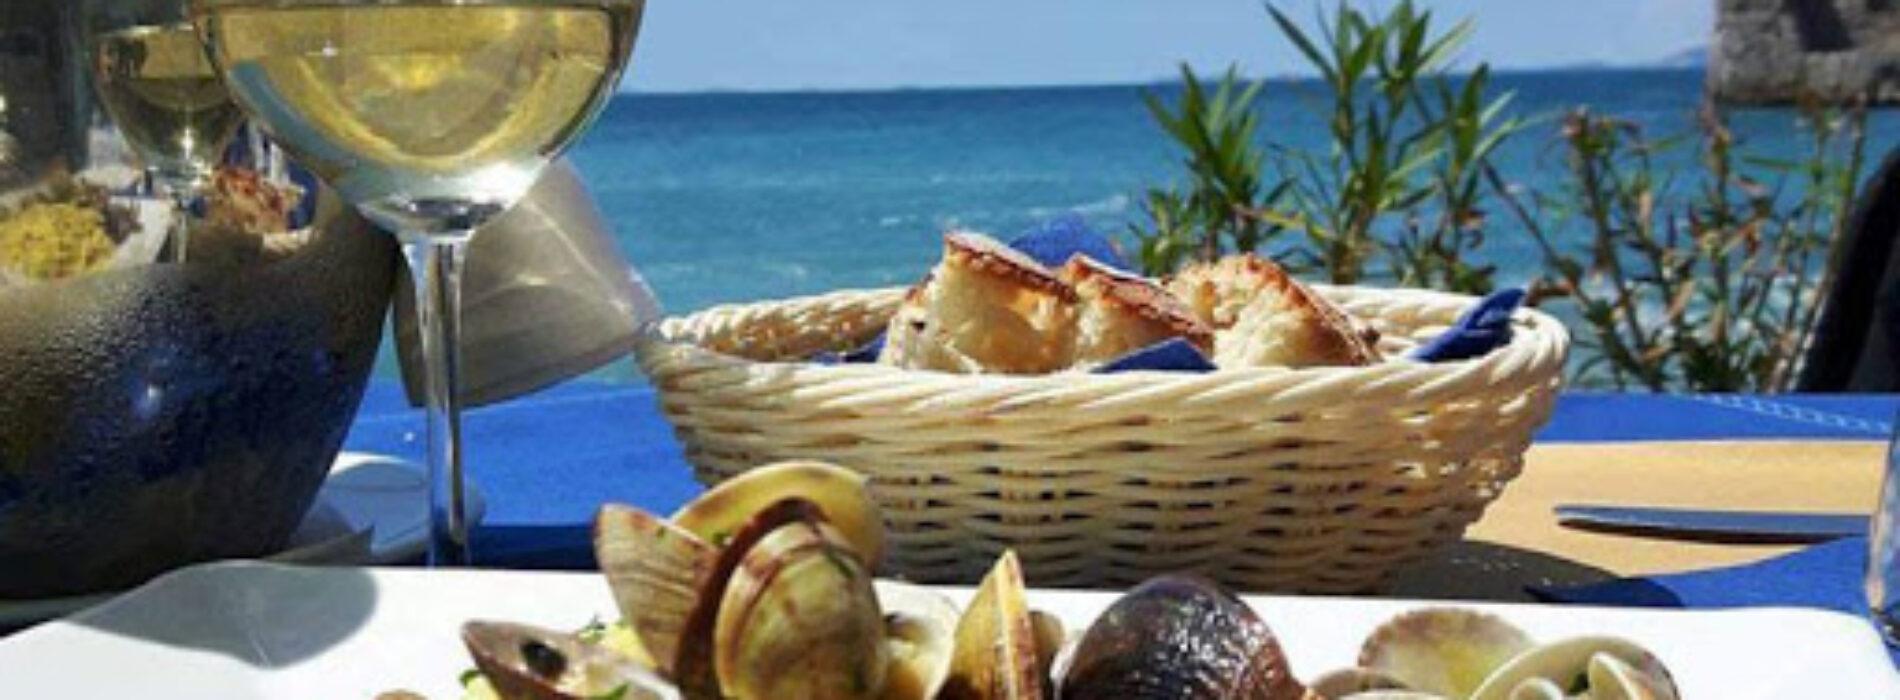 Ristoranti sul litorale romano dal 18 maggio, chi riapre in riva al mare da Fiumicino a Fregene